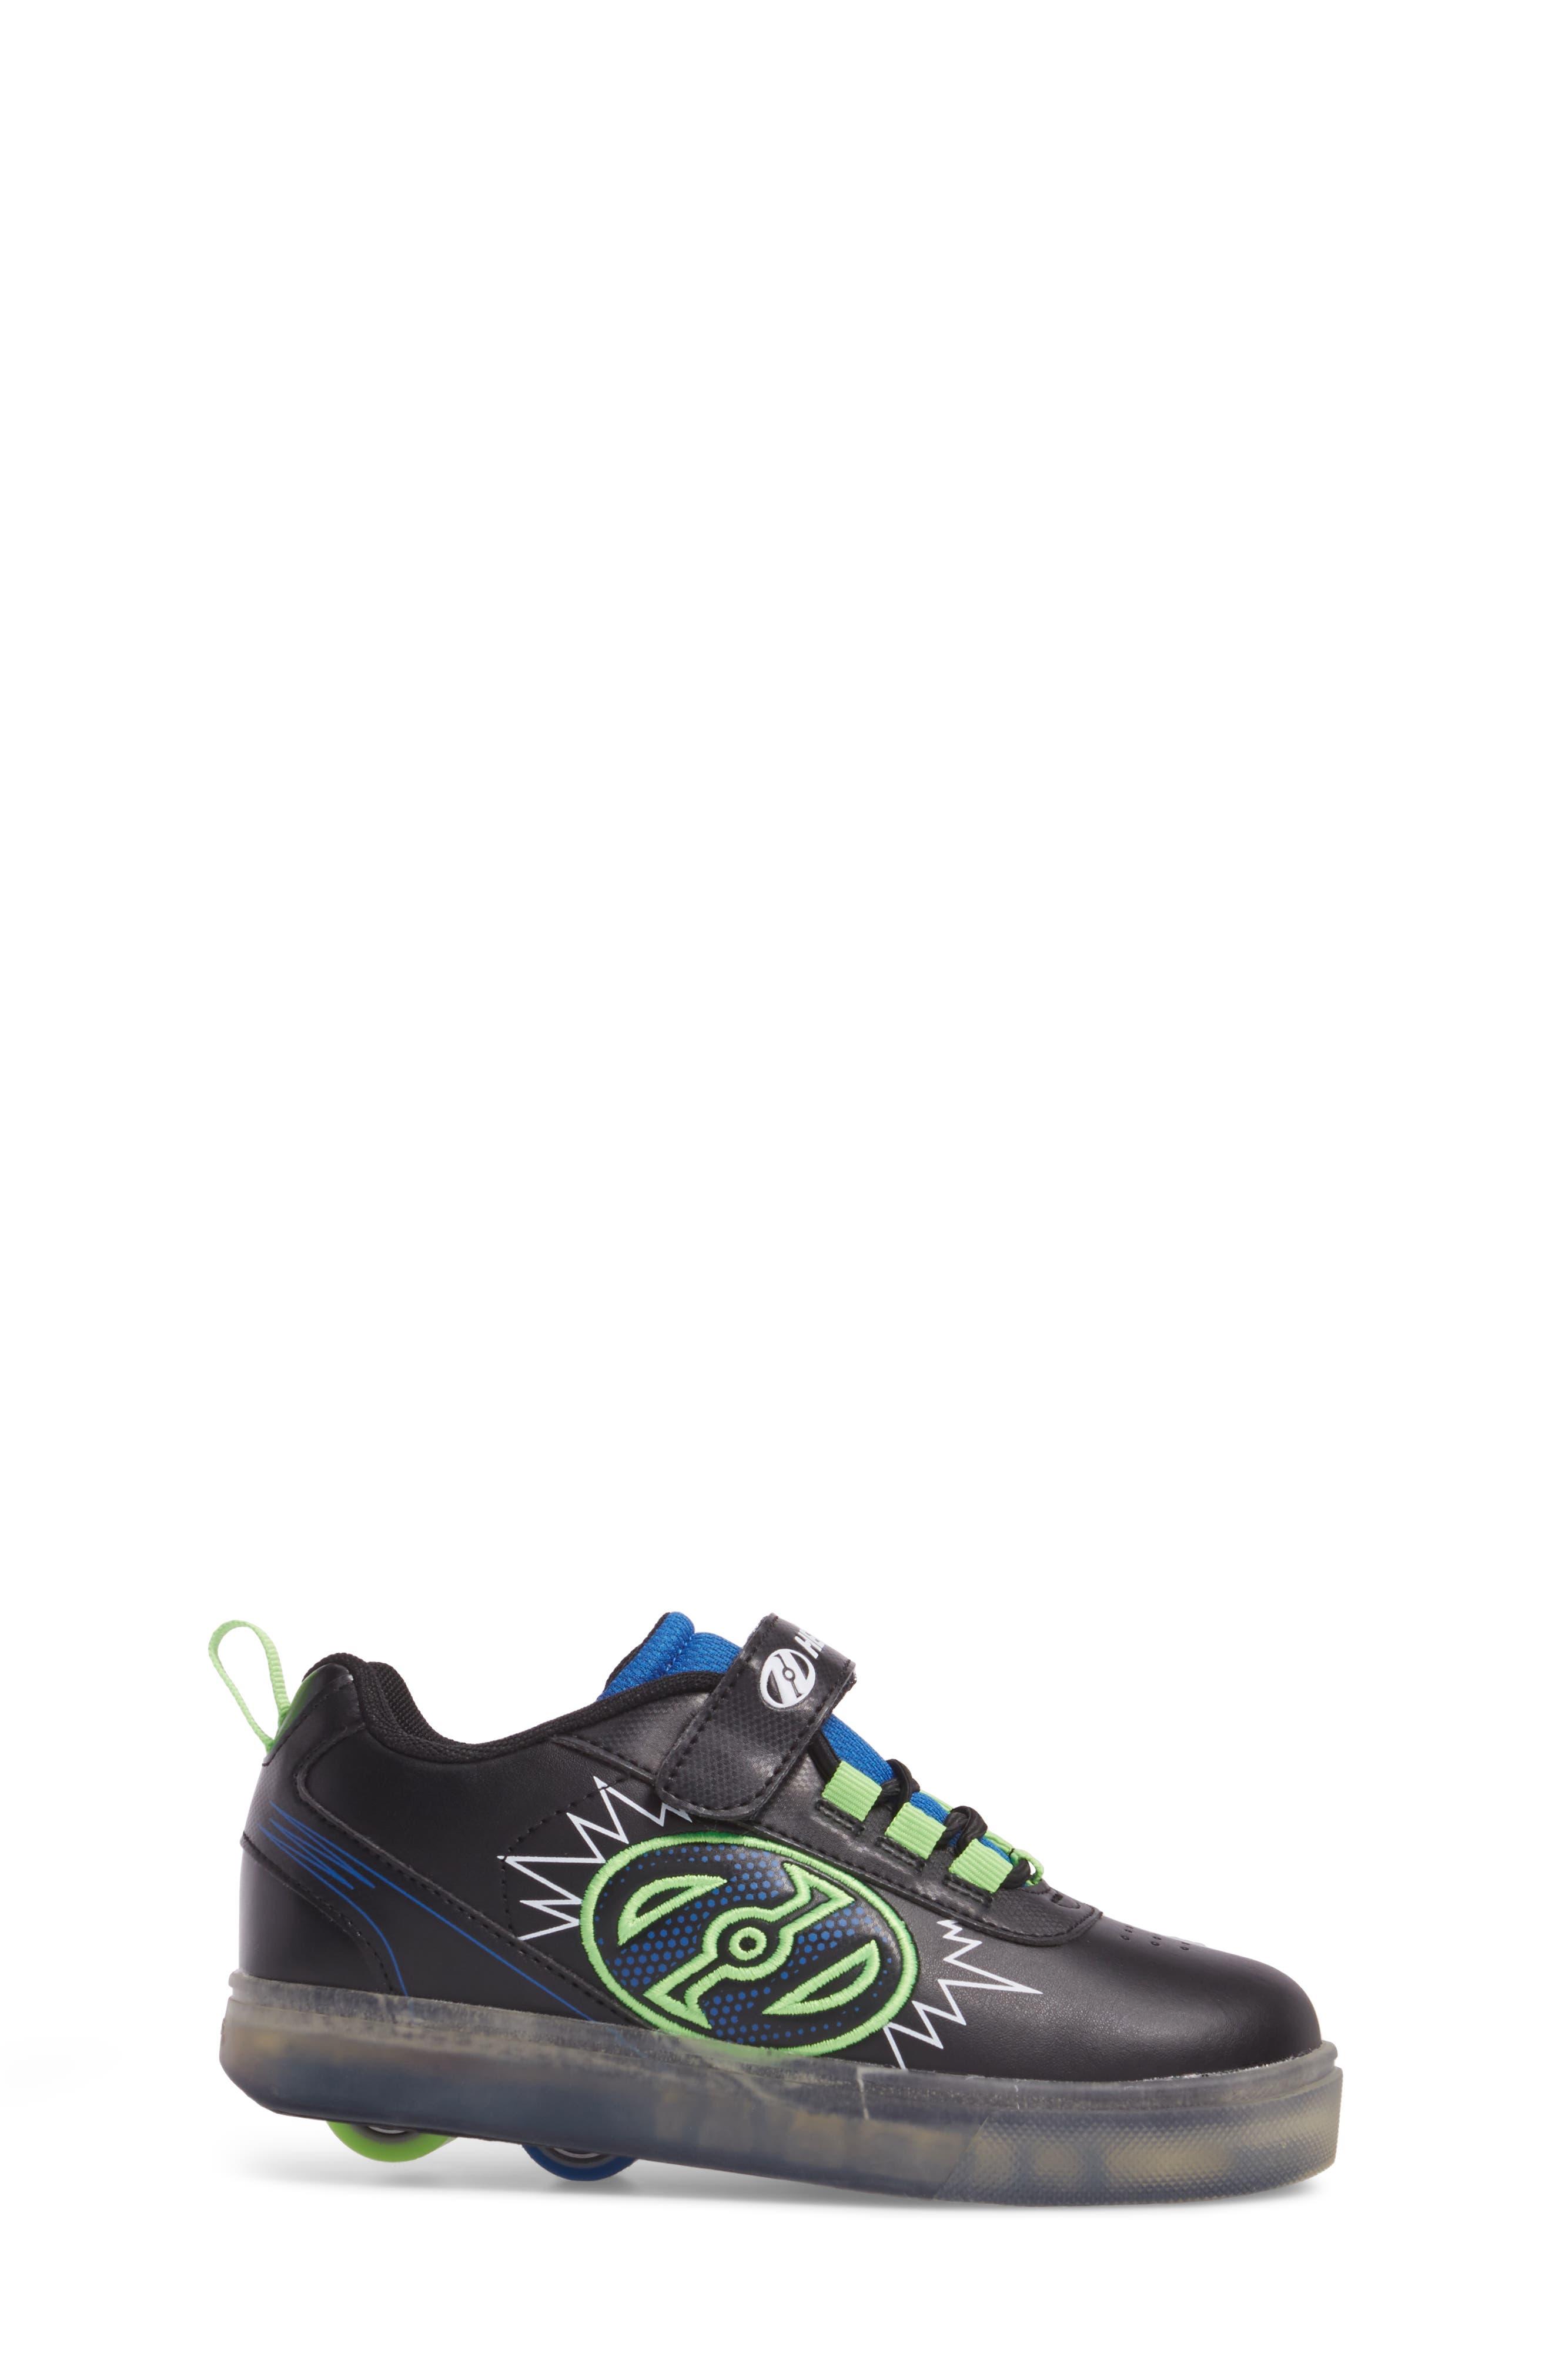 Pow X2 Light-Up Wheeled Skate Sneaker,                             Alternate thumbnail 3, color,                             011